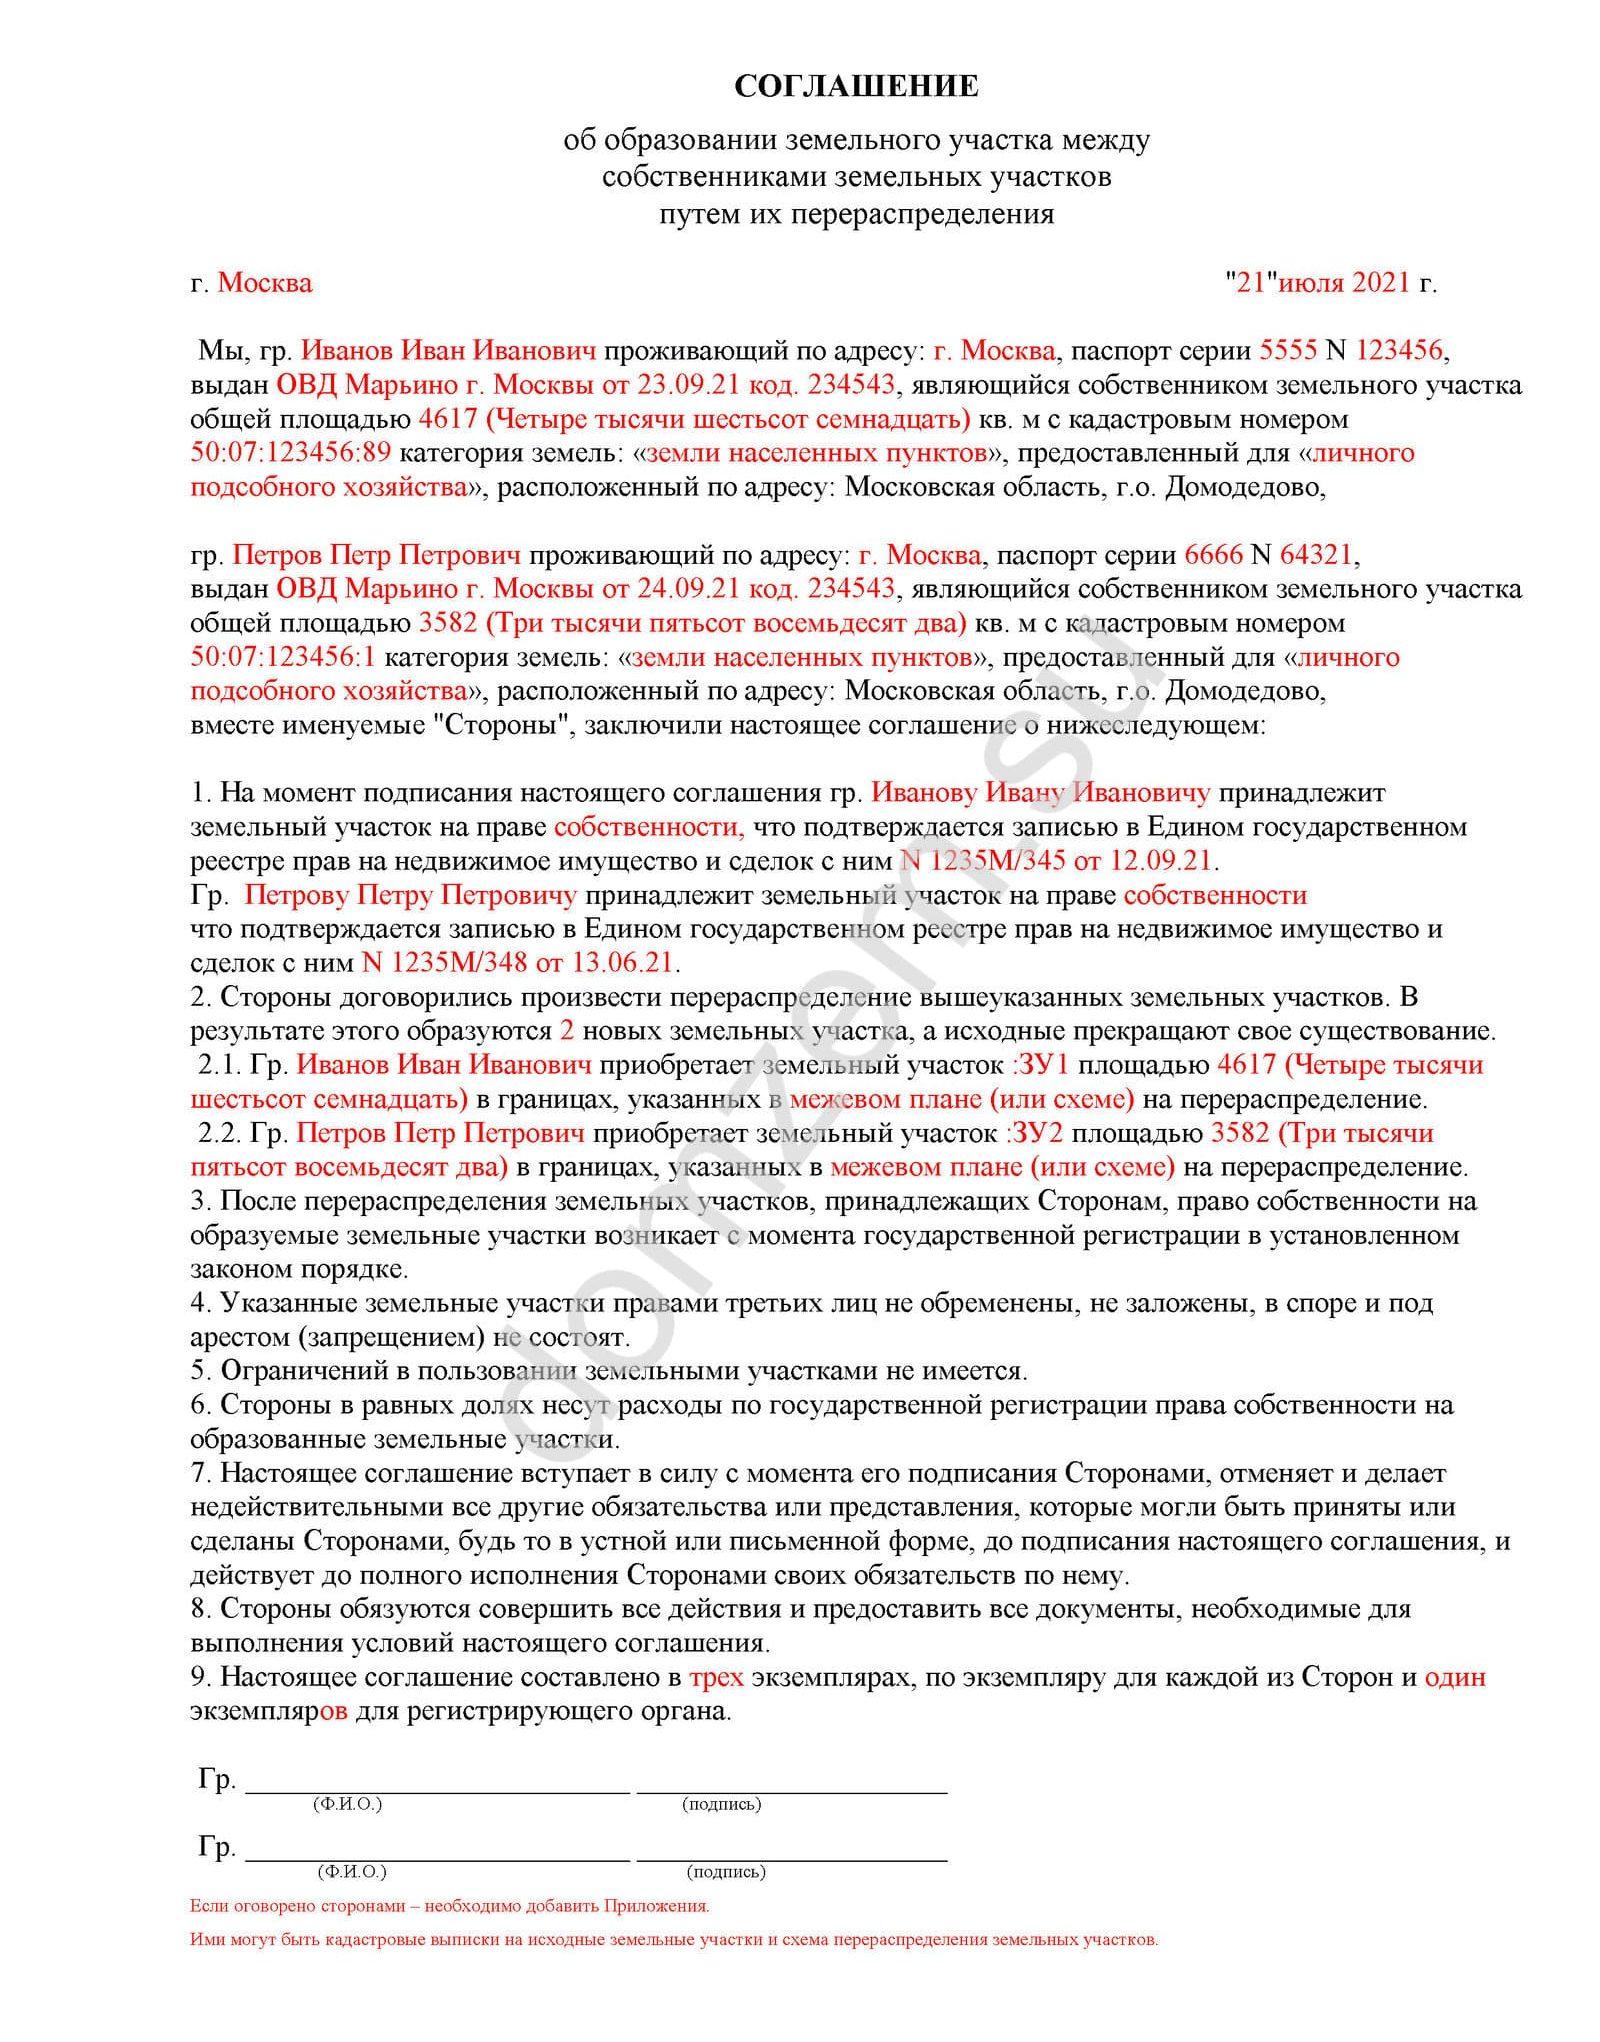 Соглашение о перераспределении земельных участков_2 собственника_образец заполнения